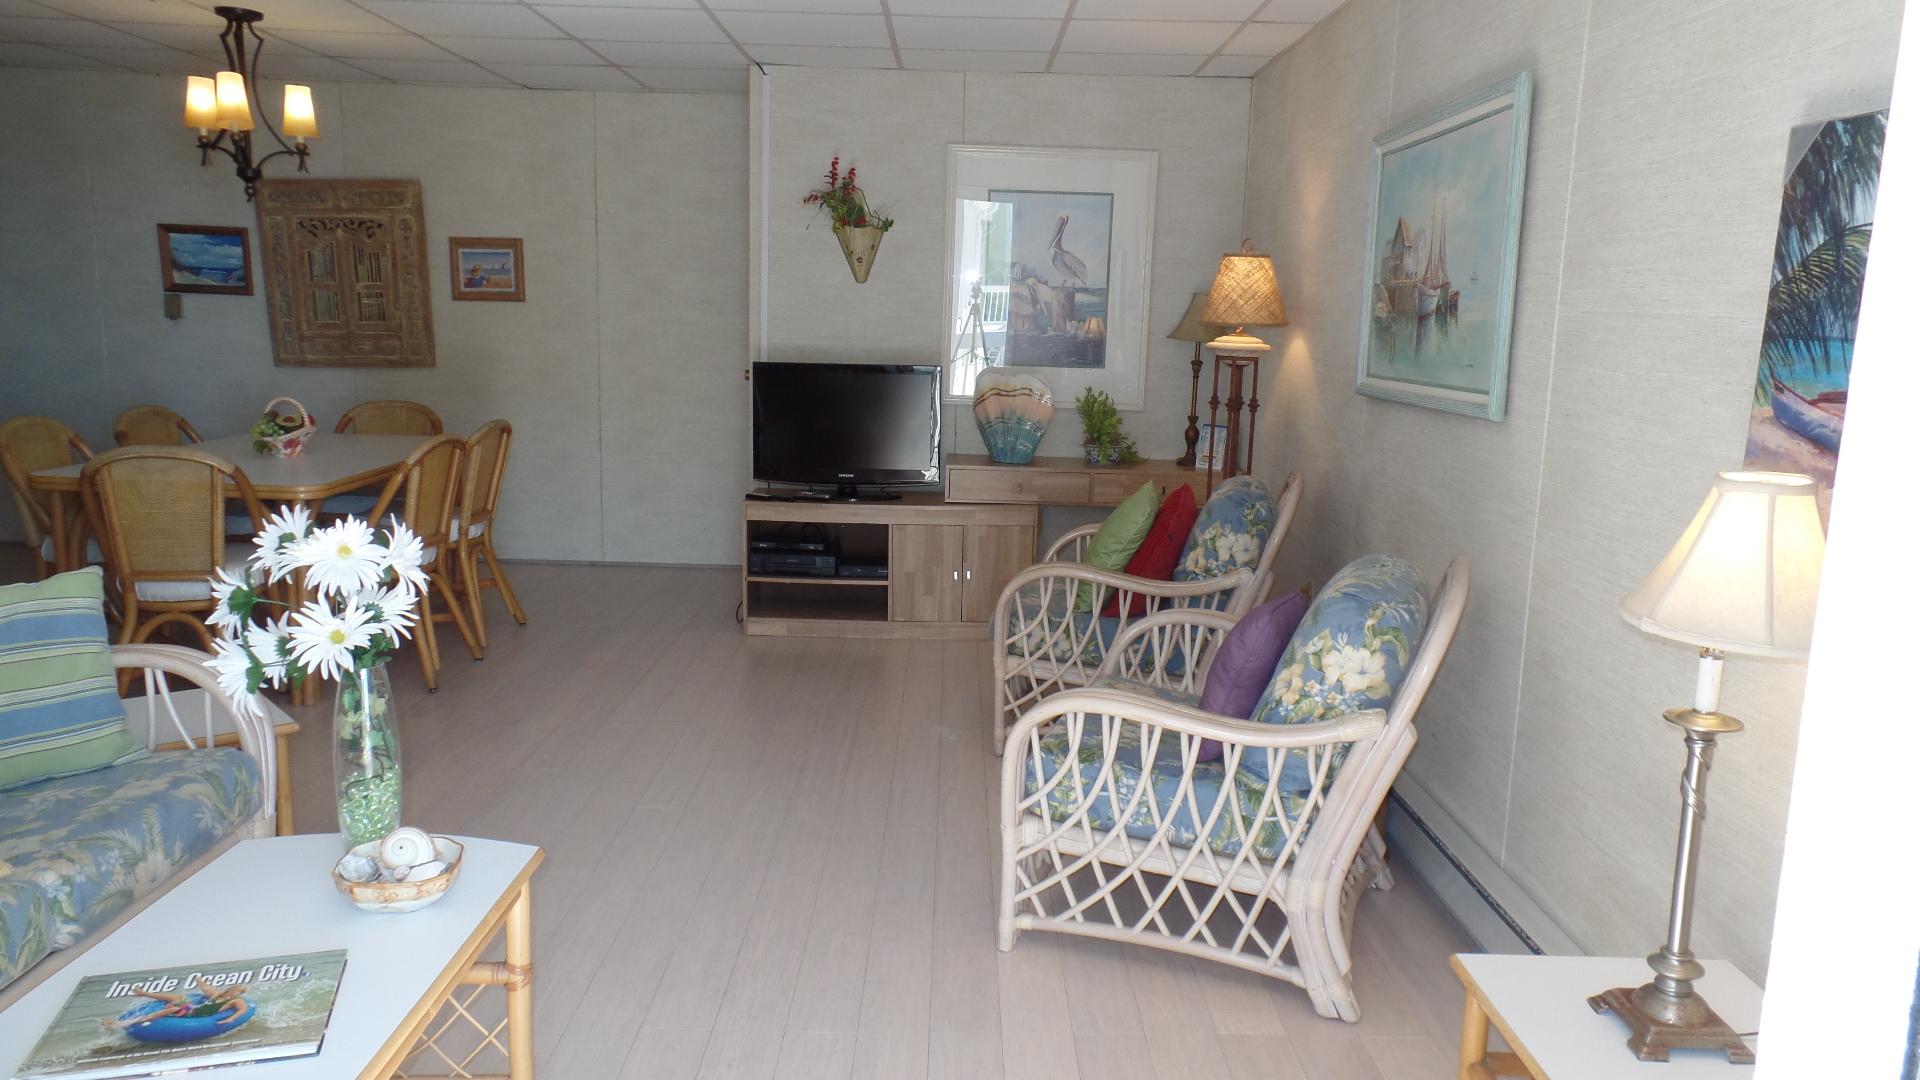 2 bedroom unit 303 oceanfront condos for rent ocean city md - 2 bedroom condos for sale in ocean city nj ...